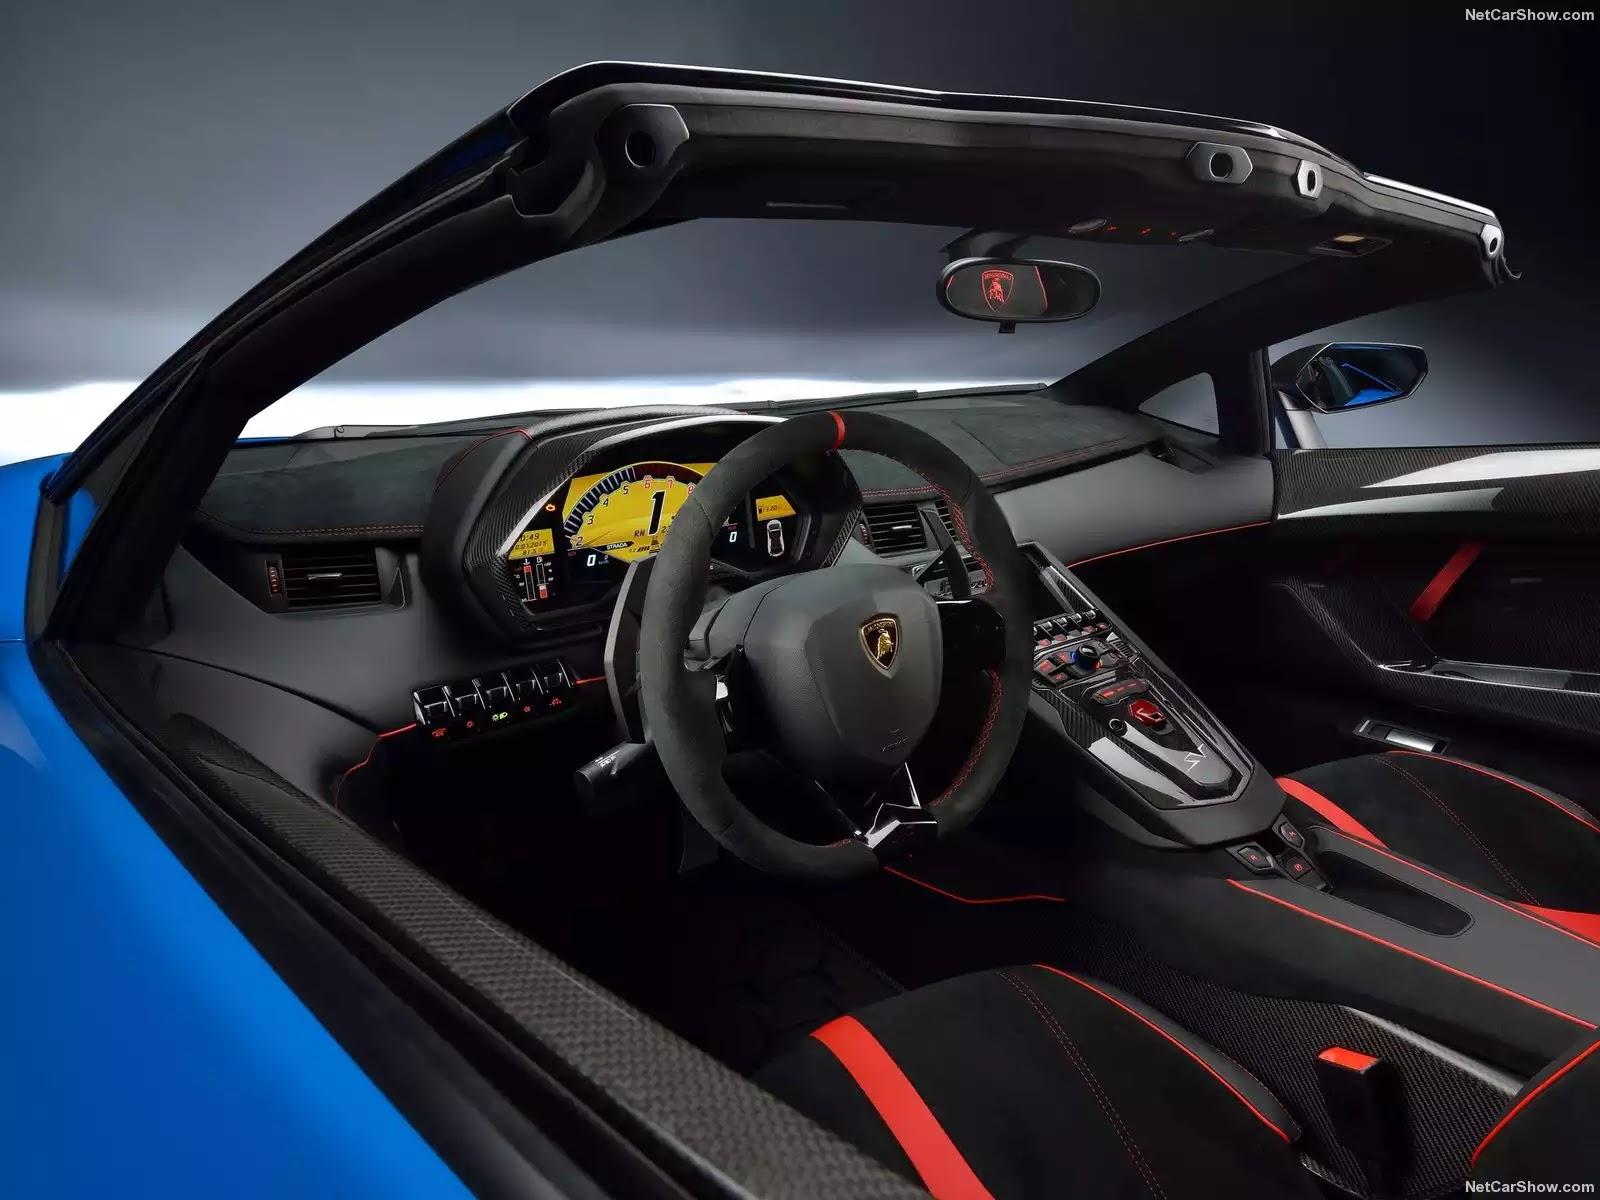 Hình ảnh siêu xe Lamborghini Aventador LP750-4 SV Roadster 2016 & nội ngoại thất